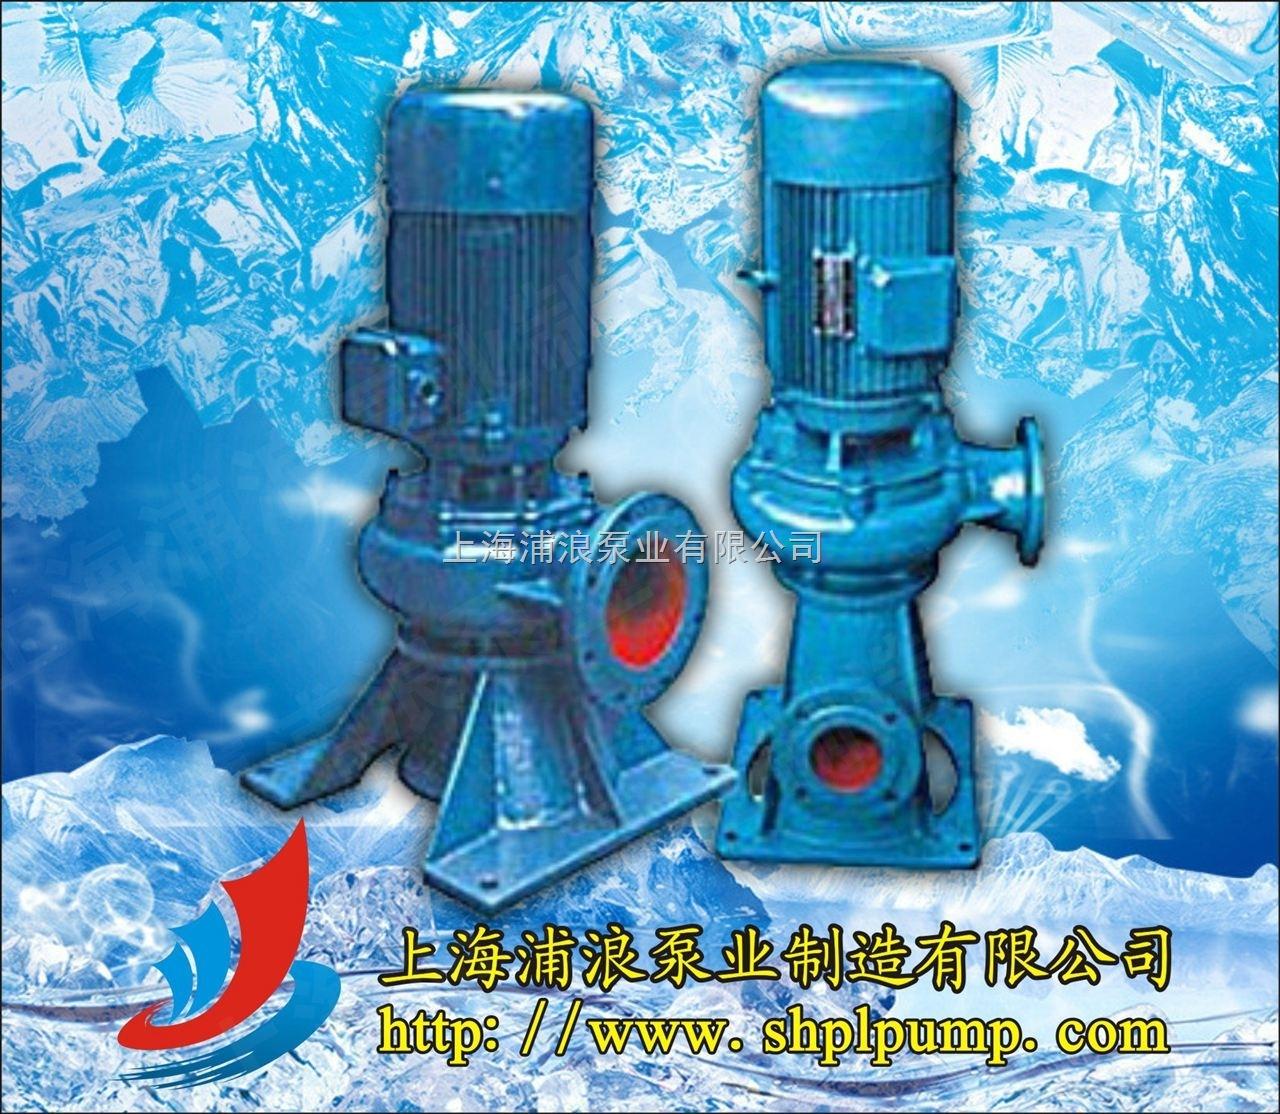 排污泵,LW直立式排污泵,排污泵功率,排污泵型号